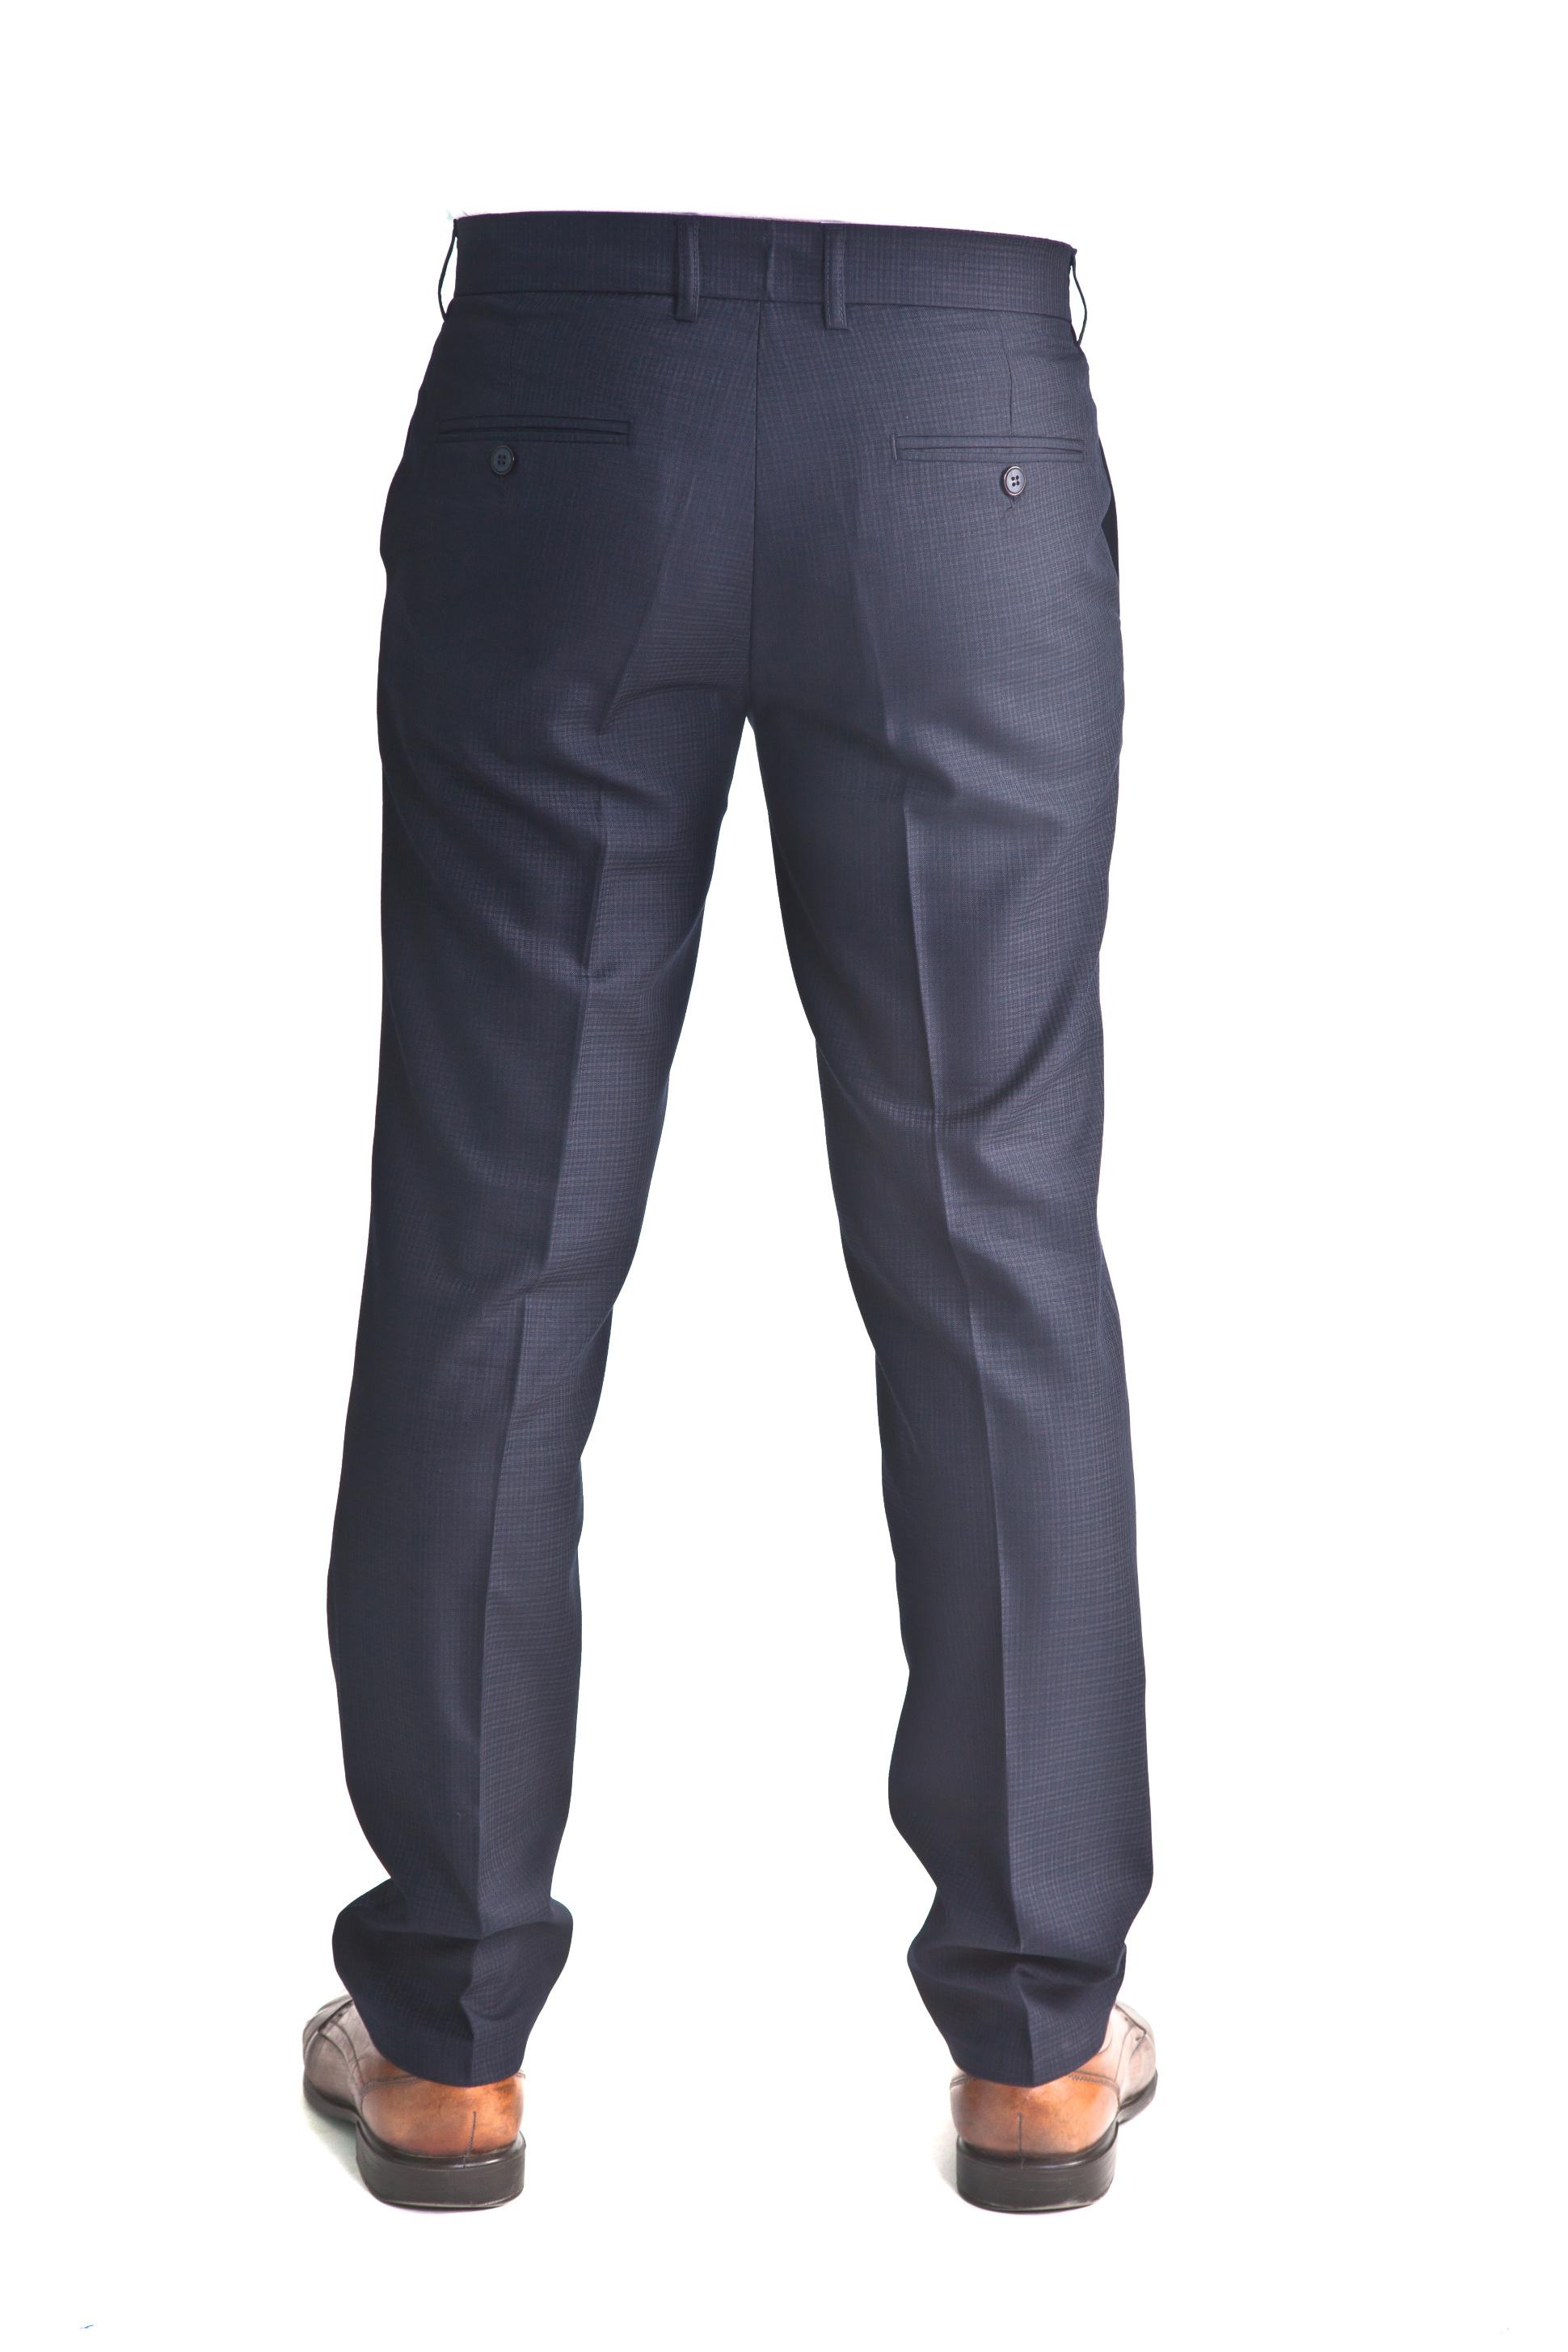 2090d69d Купить брюки мужские черные 1749-2 по цене 3 100 руб. в Москве ...